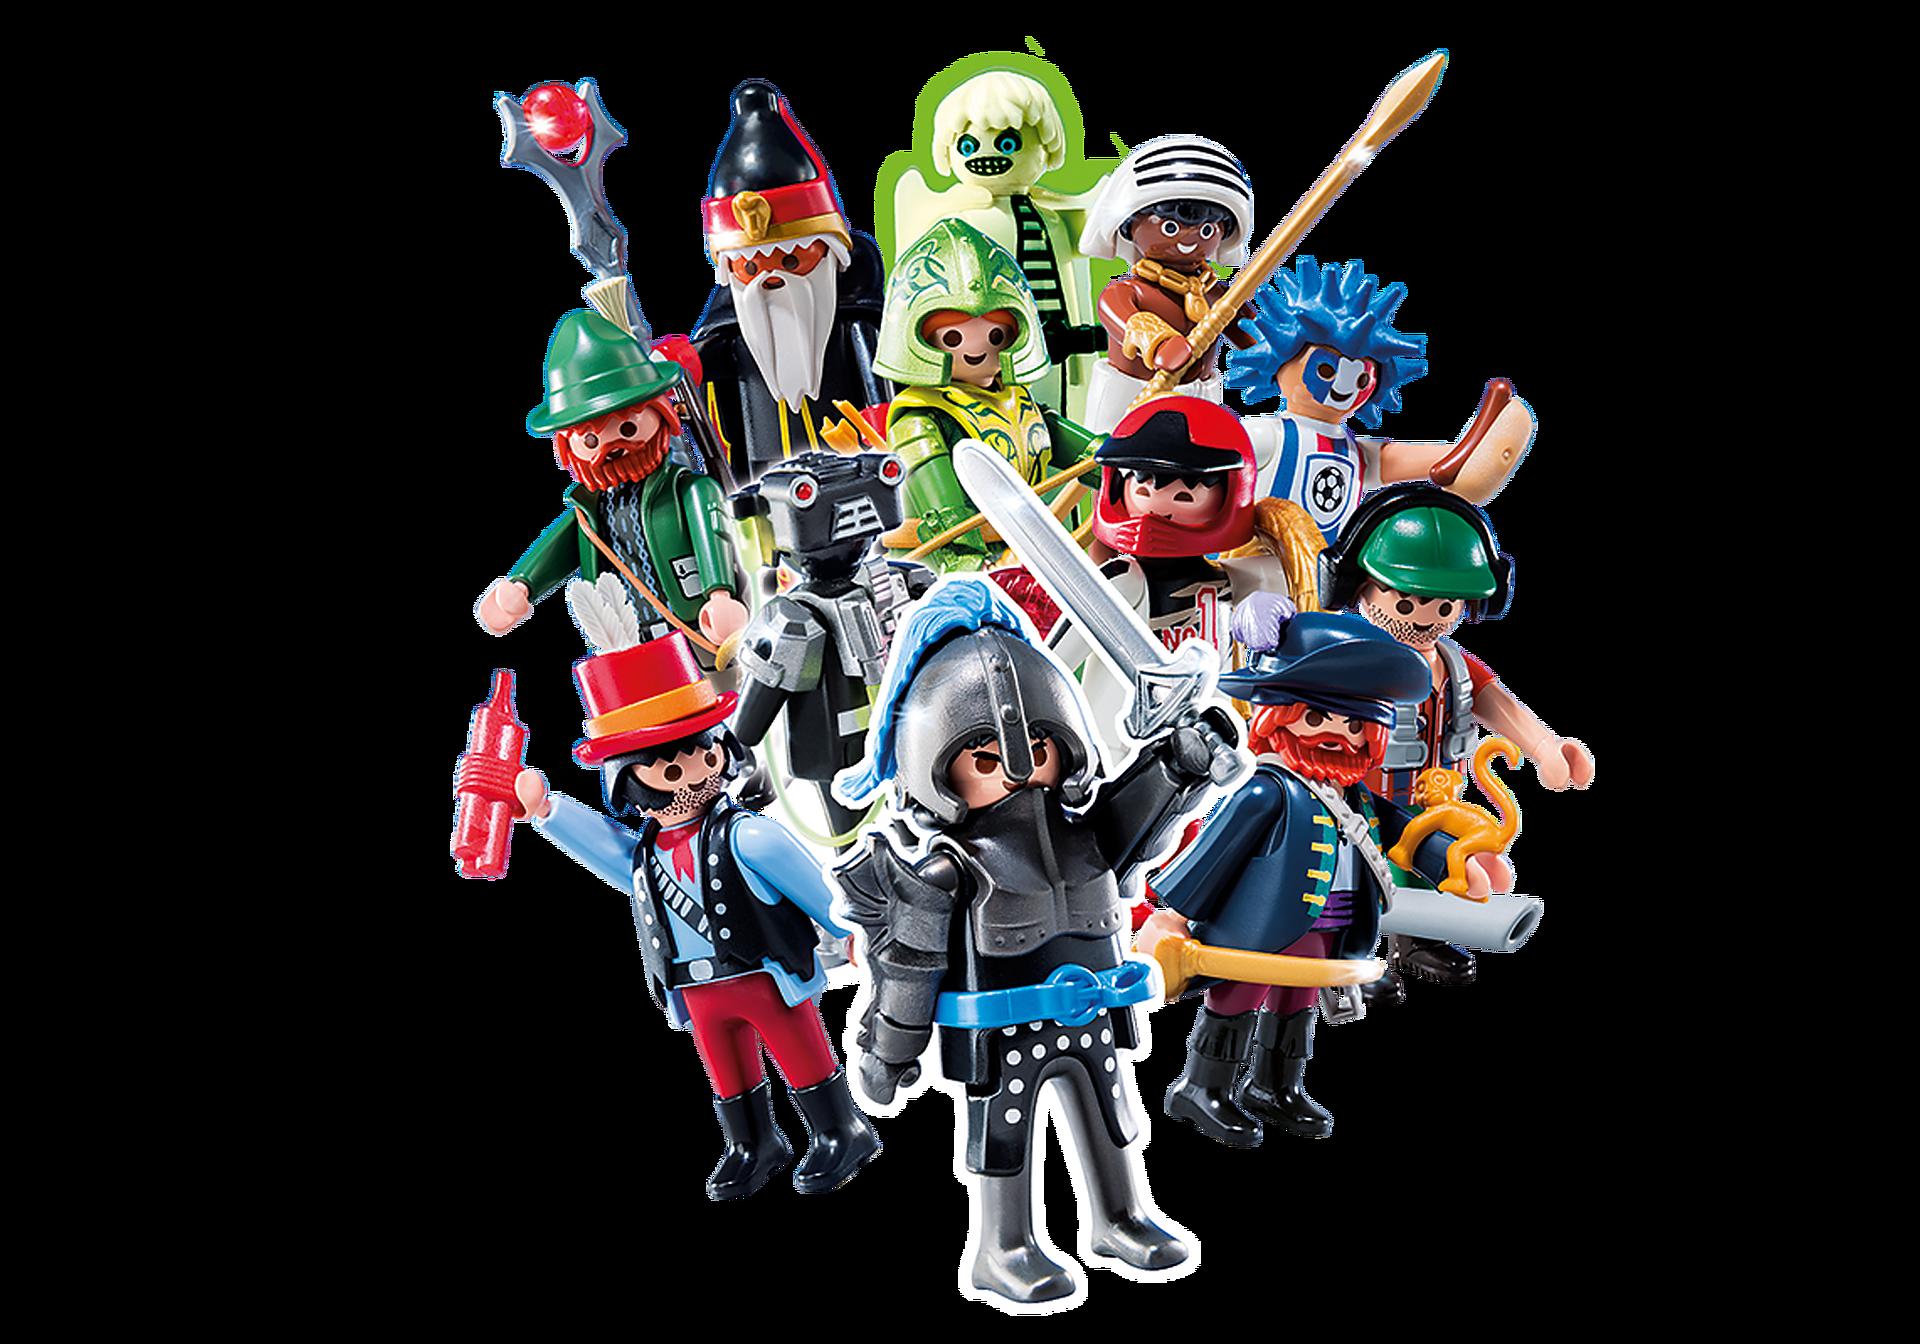 6840 PLAYMOBIL Figures Garçons - série 10 zoom image1